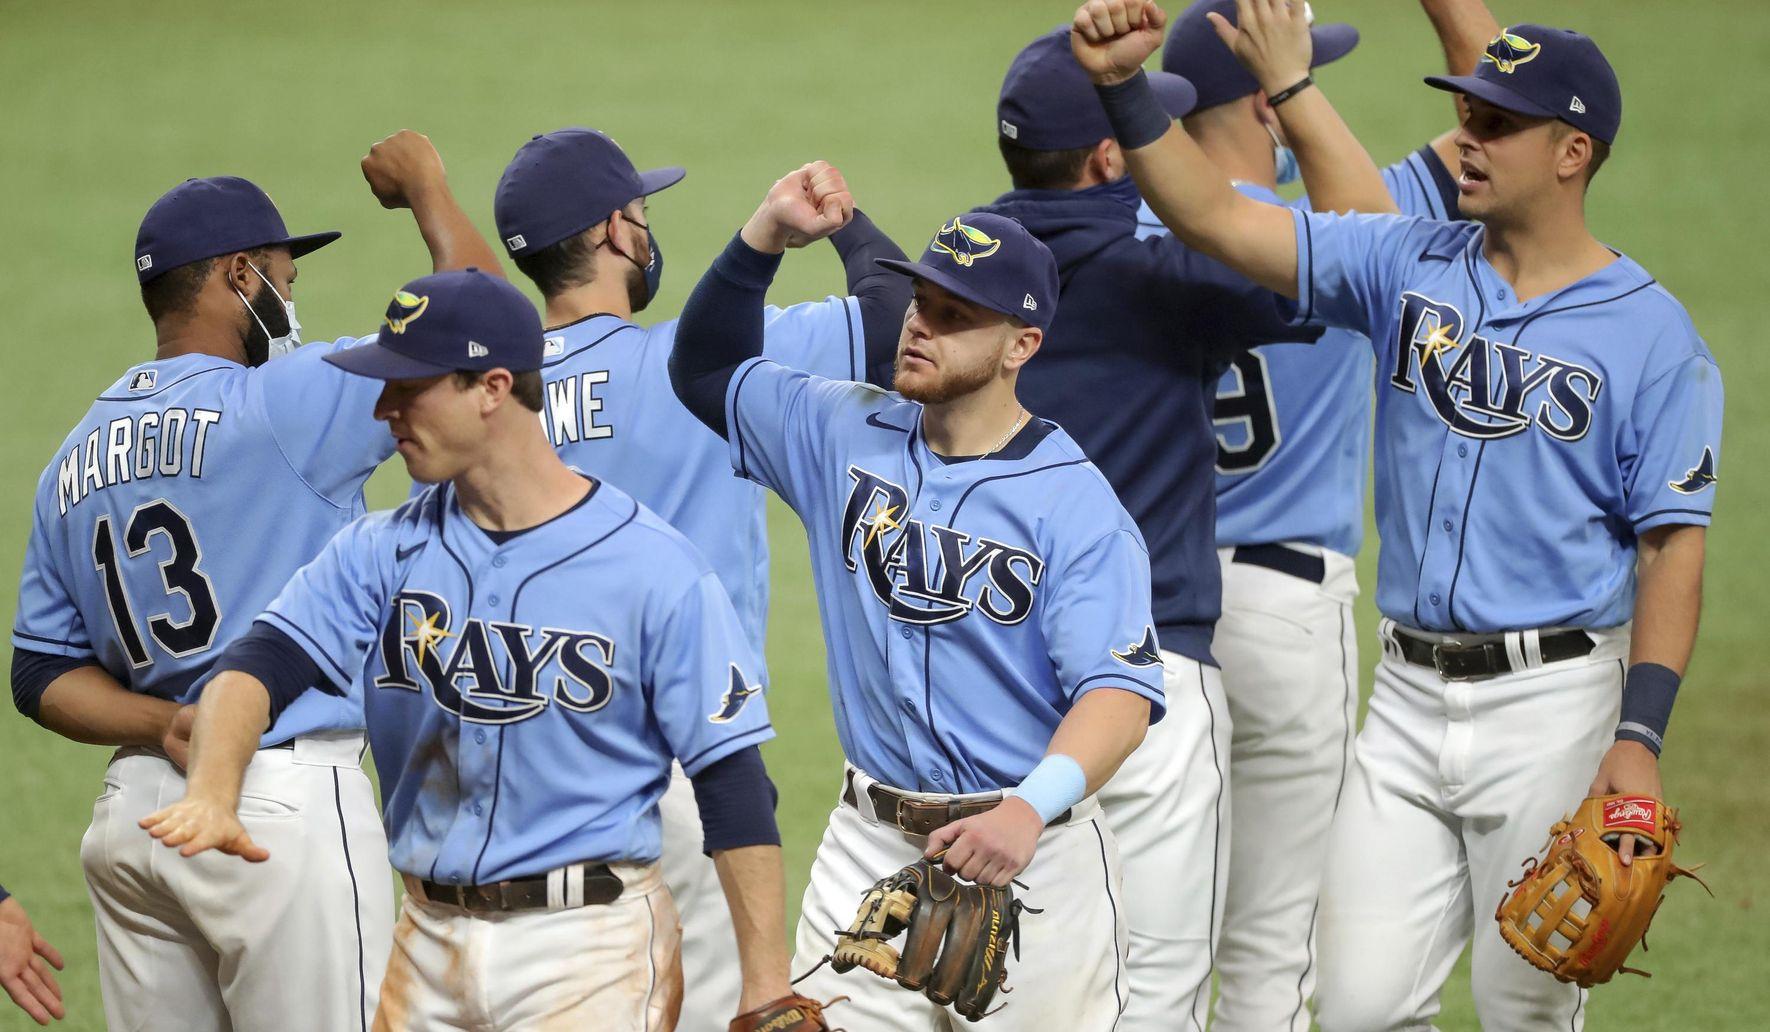 Phillies_rays_baseball_11376_c0-125-3000-1874_s1770x1032